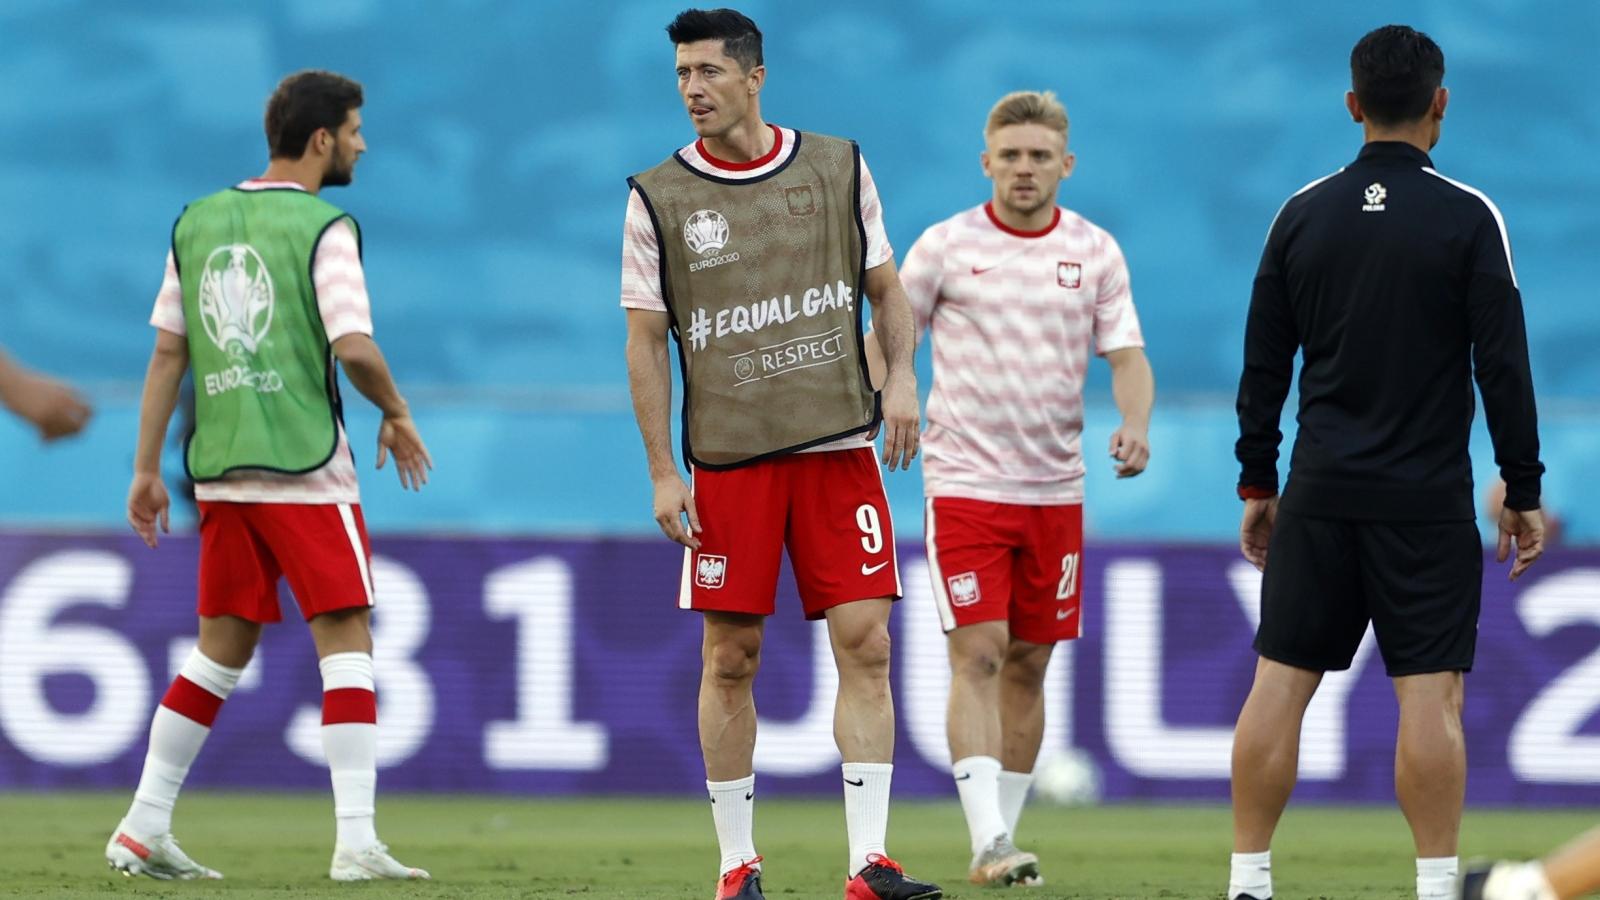 Trực tiếp Tây Ban Nha vs Ba Lan: Lewandowski phá hỏng tham vọng của La Roja?